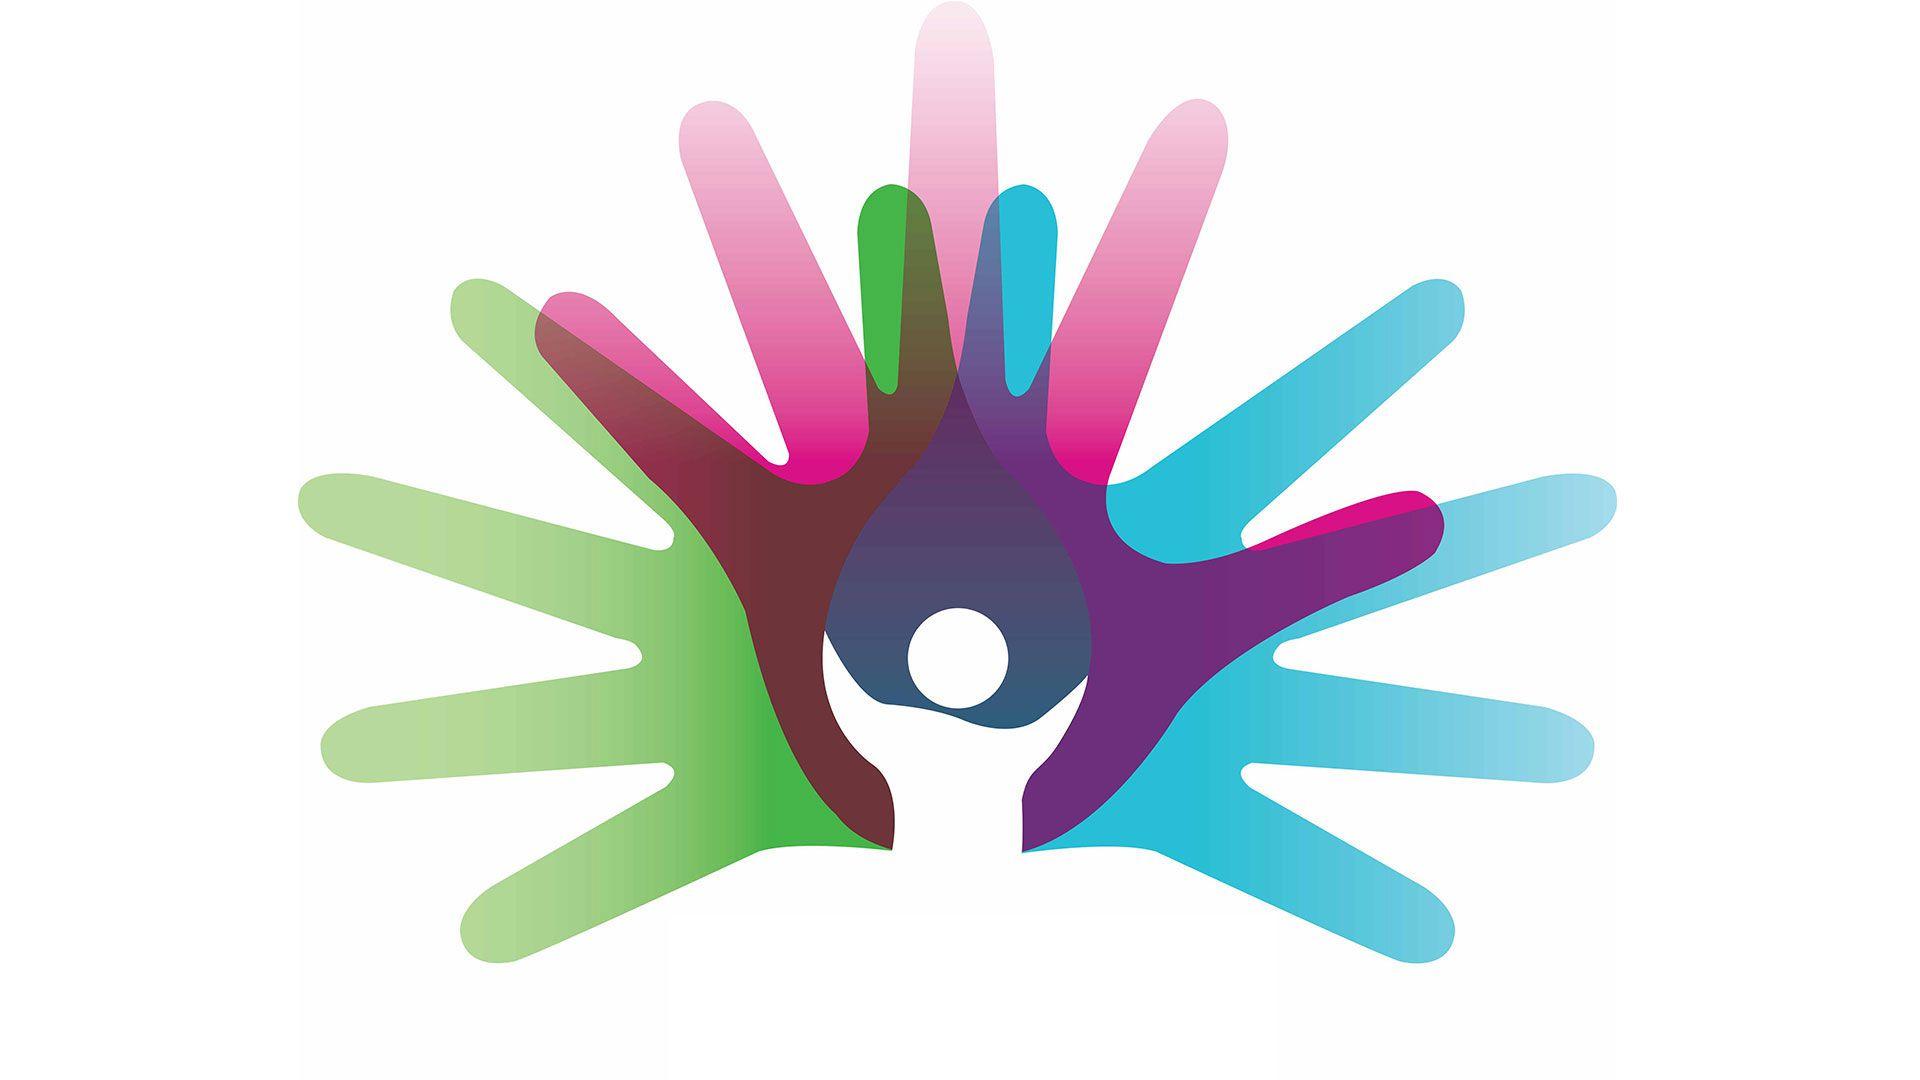 El Día Mundial de las Enfermedades Poco Frecuentes sirve para tomar conciencia del padecimiento de miles de pacientes que deambulan en una verdadera odisea diagnóstica para hallar qué padecen